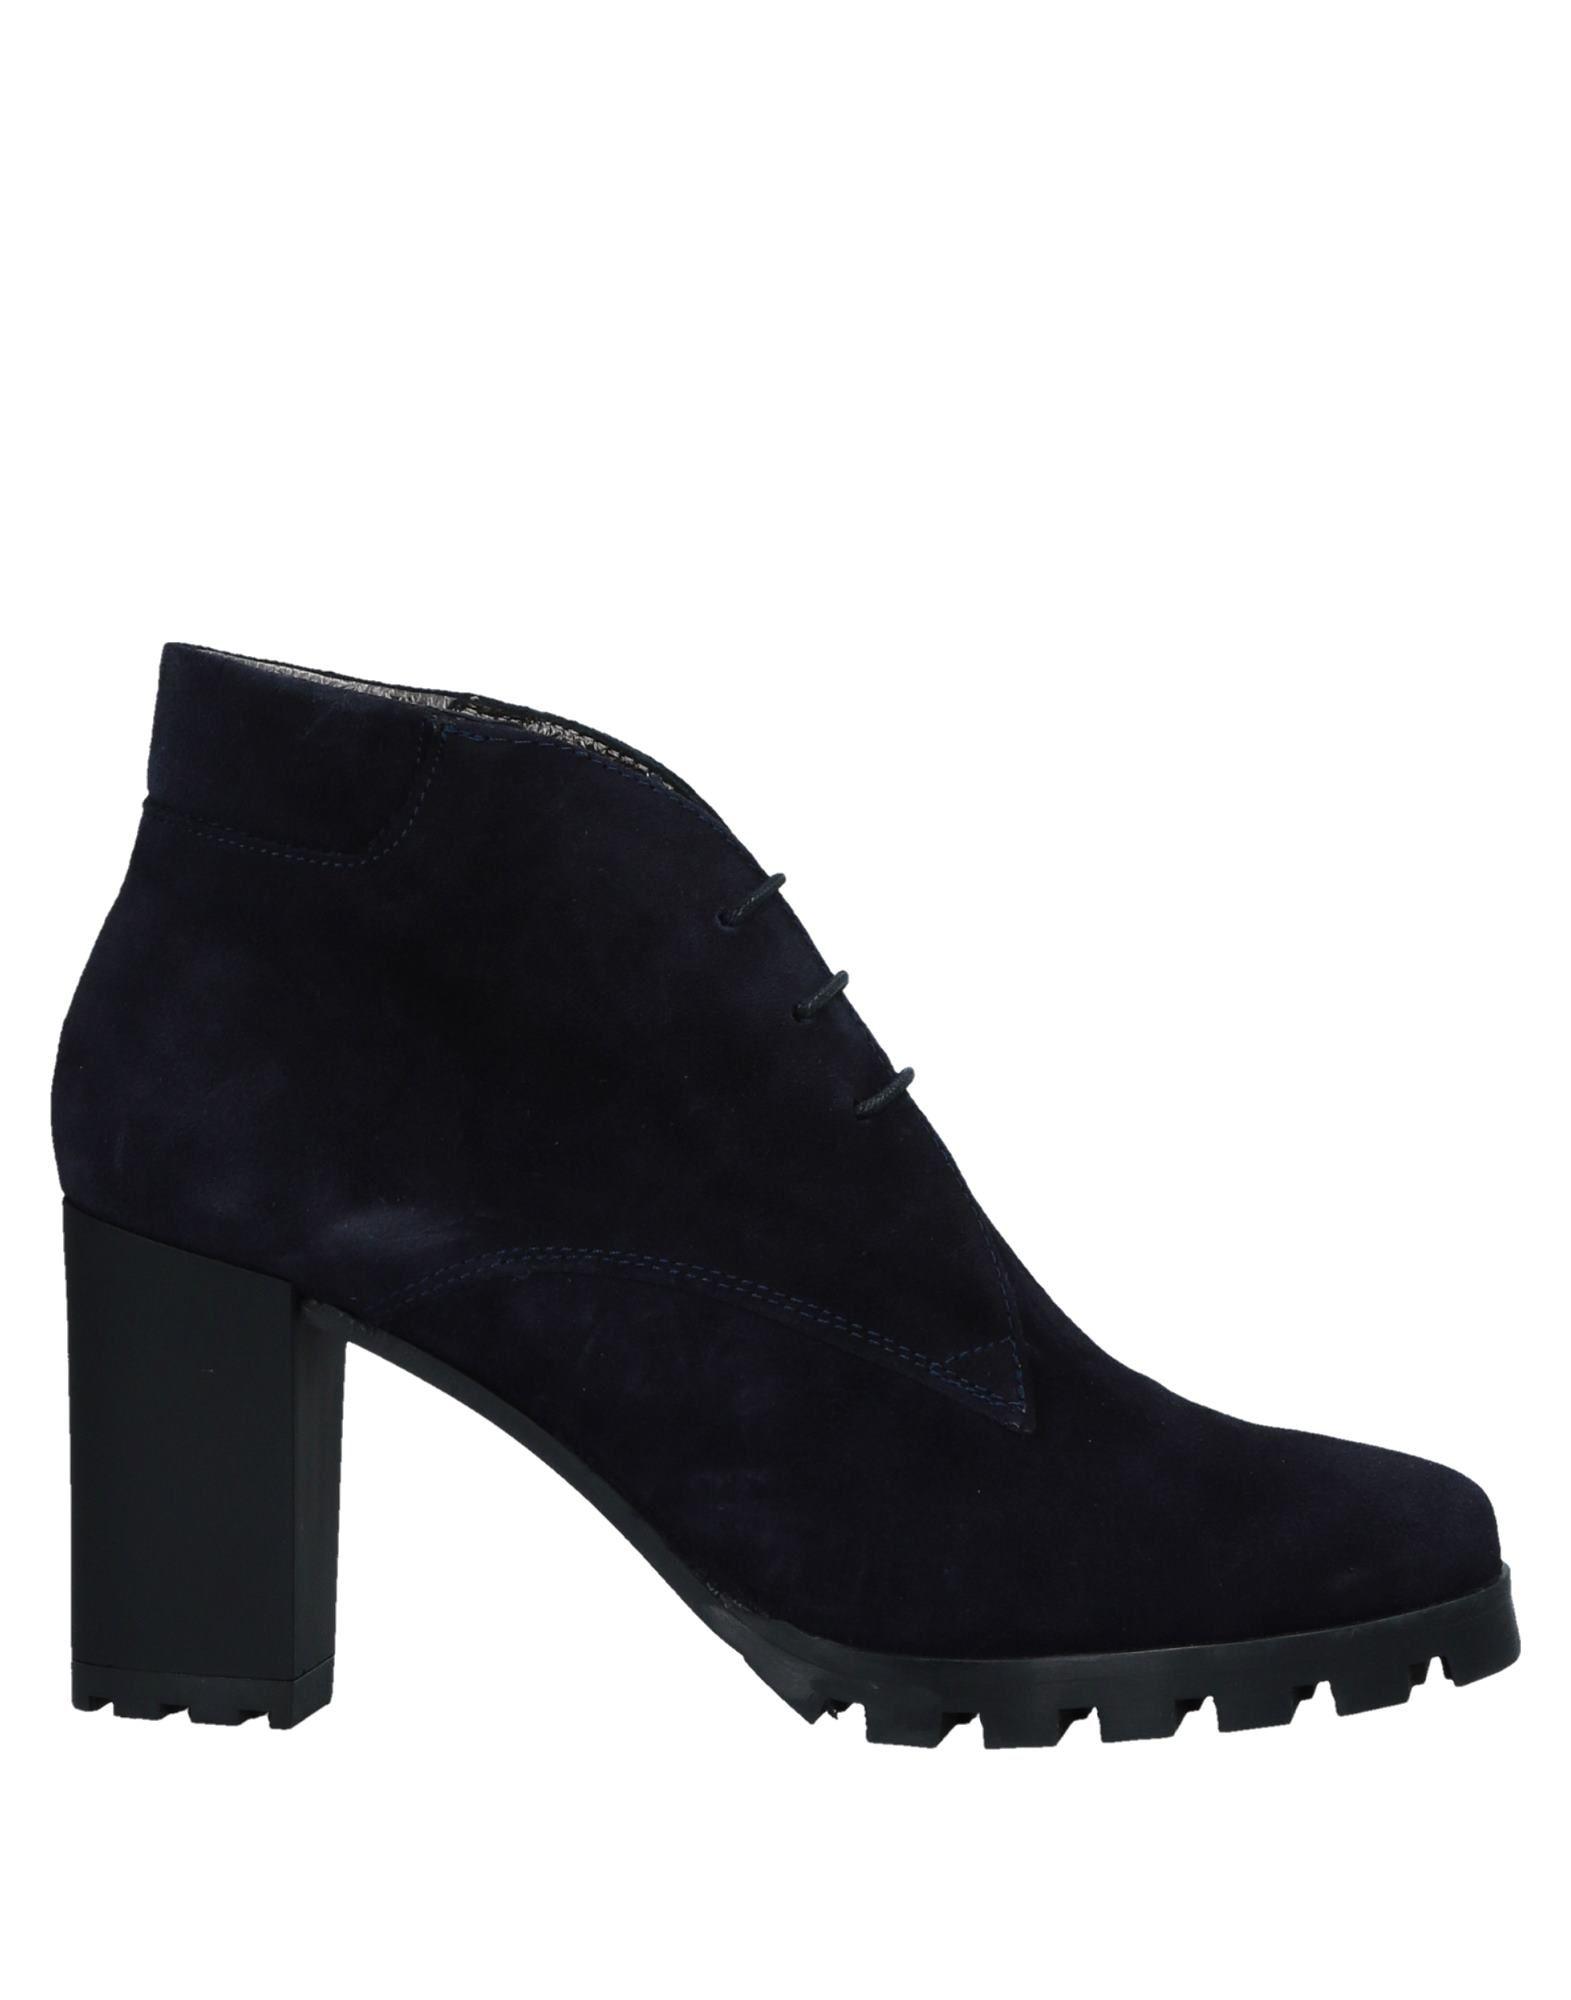 M&P Maypol Schnürschuhe Damen Gute  11531534VO Gute Damen Qualität beliebte Schuhe 4c8923